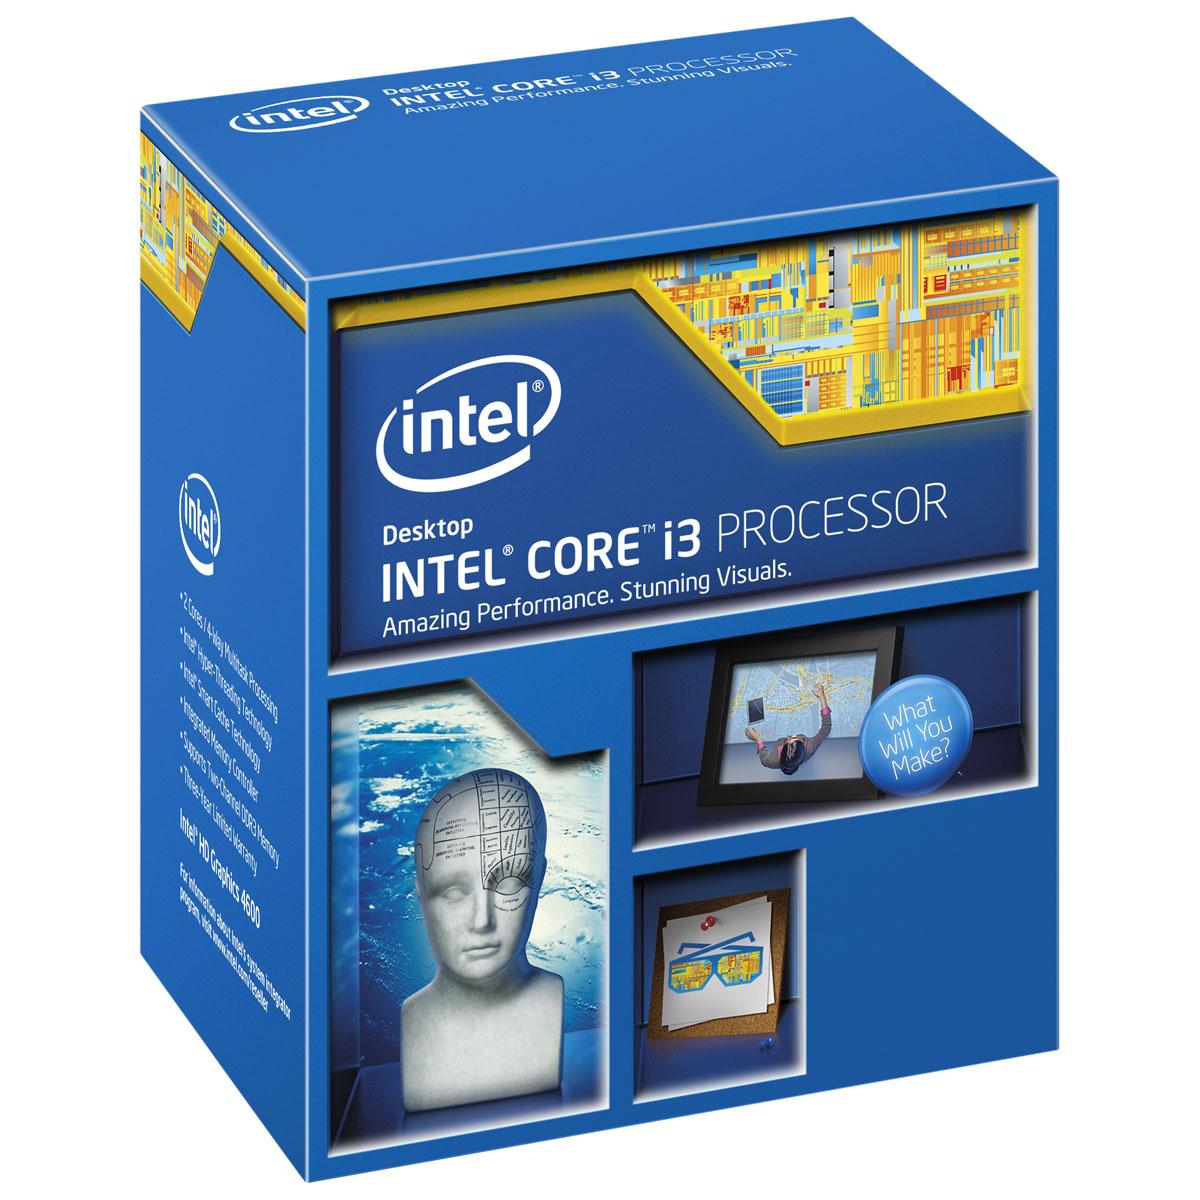 Processeur Intel Core i3-4150 (3.5 GHz) Processeur Dual Core Socket 1150 Cache L3 3 Mo Intel HD Graphics 4400 0.022 micron (version boîte - garantie Intel 3 ans)